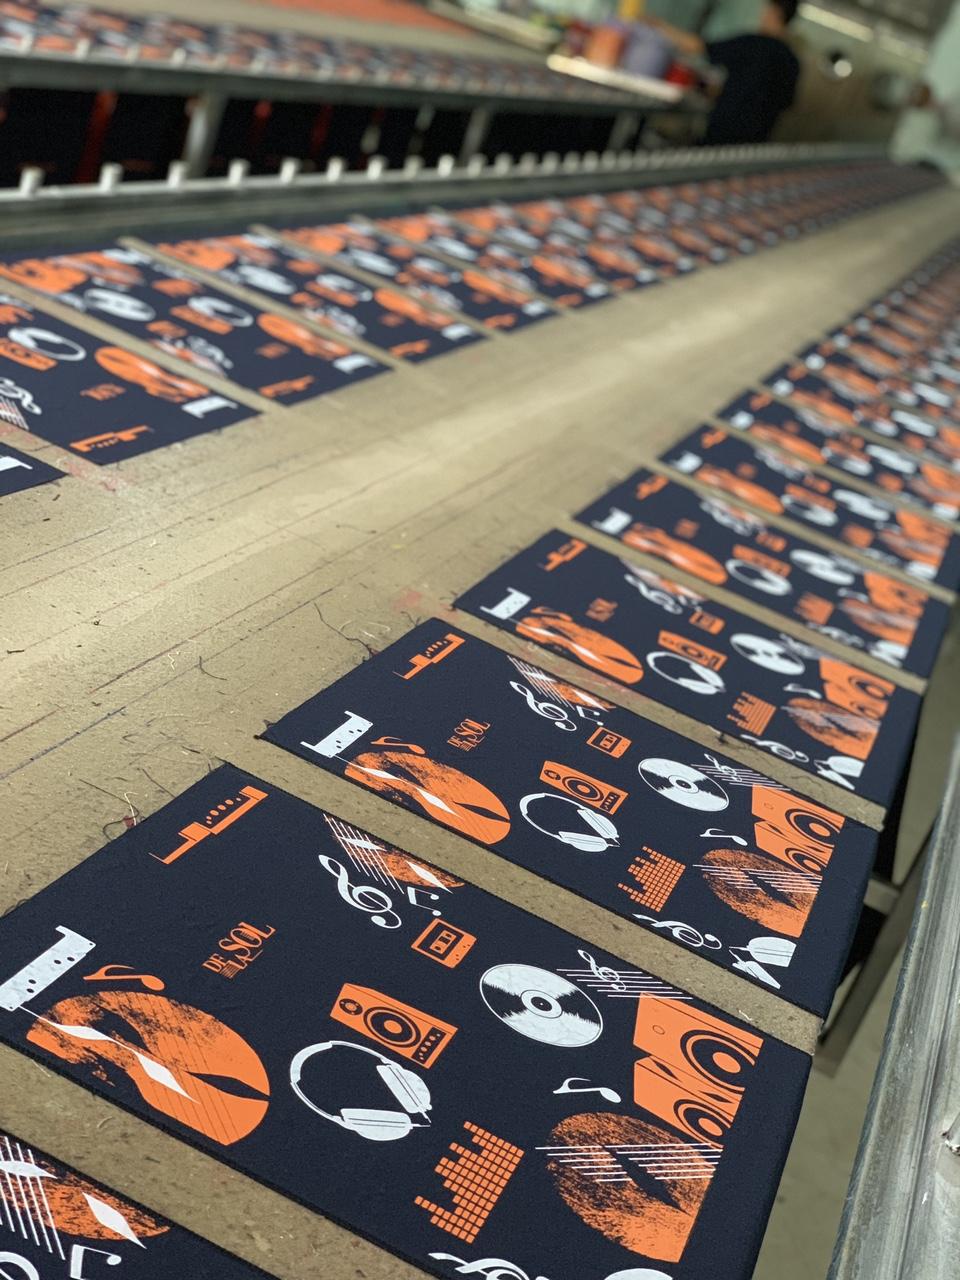 Lựa chọn phương pháp may túi vải bố sao cho phù hợp với mục đích sử dụngLựa chọn phương pháp may túi vải bố sao cho phù hợp với mục đích sử dụng